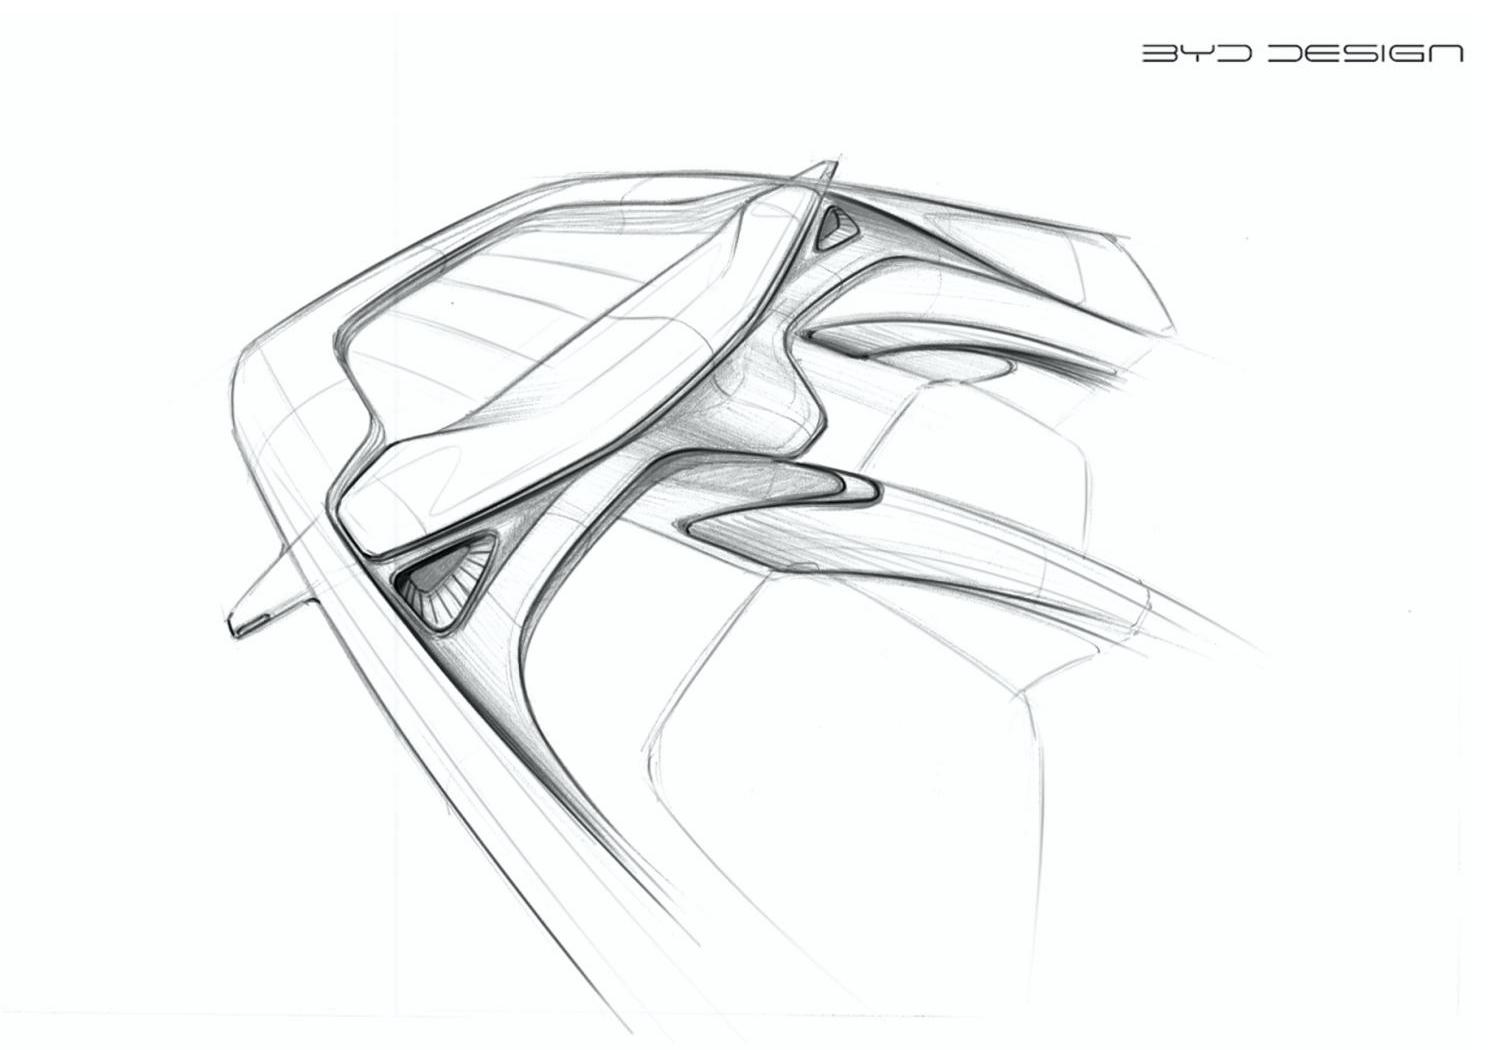 大量曲线营造流动感 海豚内饰设计效果显得简约柔美